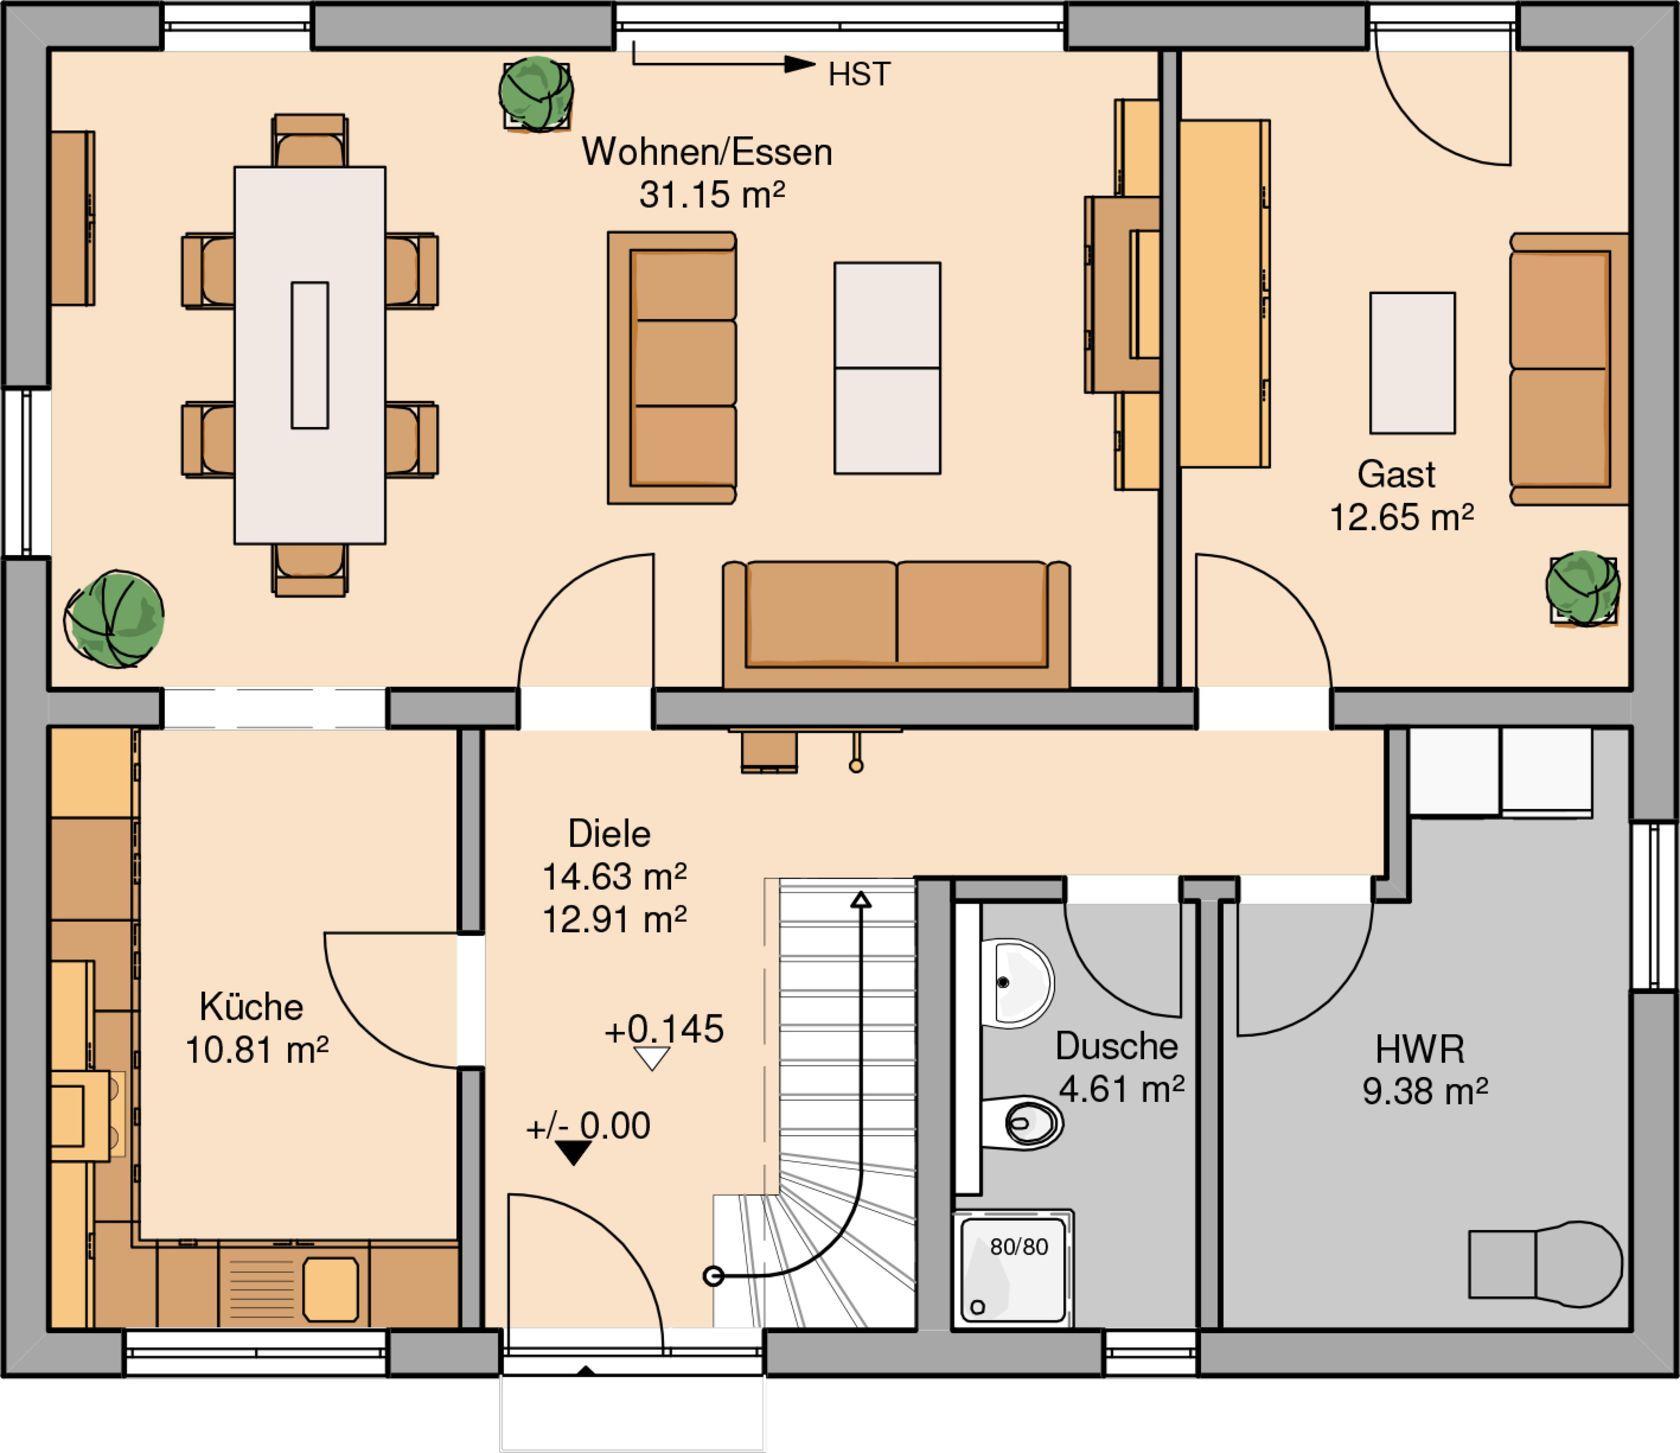 grundriss erdgeschoss GoogleSuche Haus grundriss